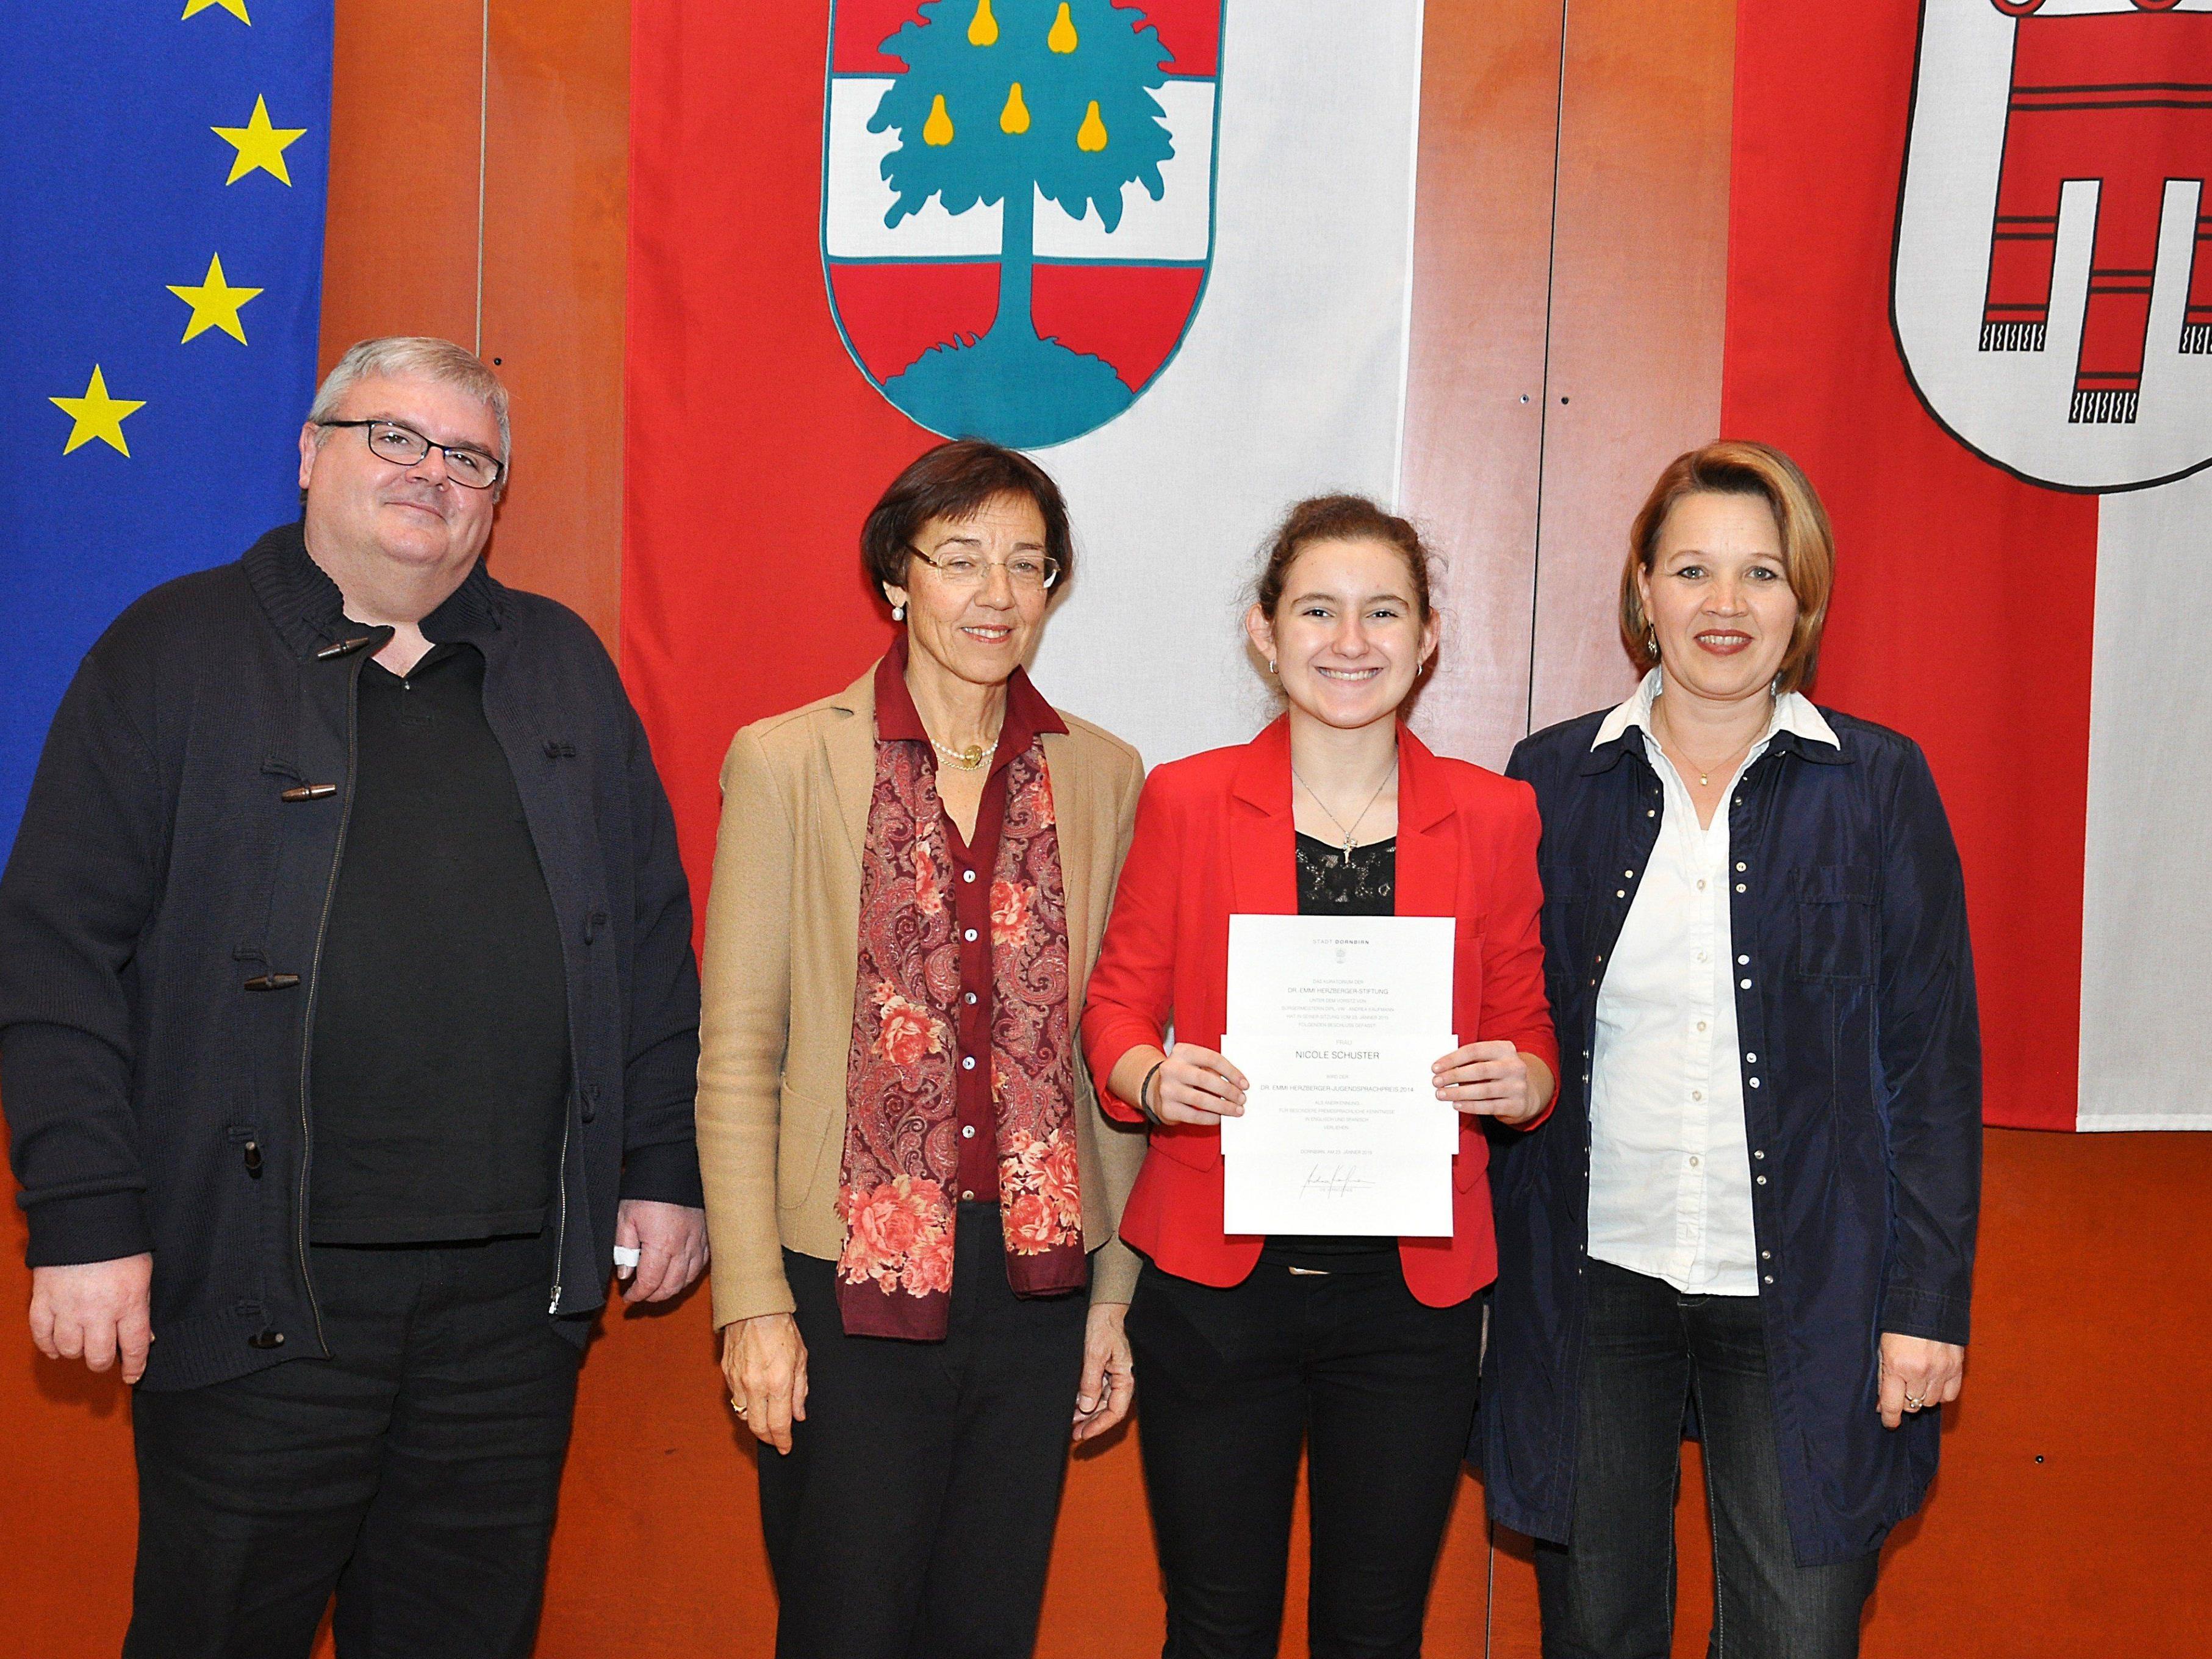 Für ihre herausragenden Sprachkenntnisse bekam Nicole Schuster den diesjährigen Sprachpreis.